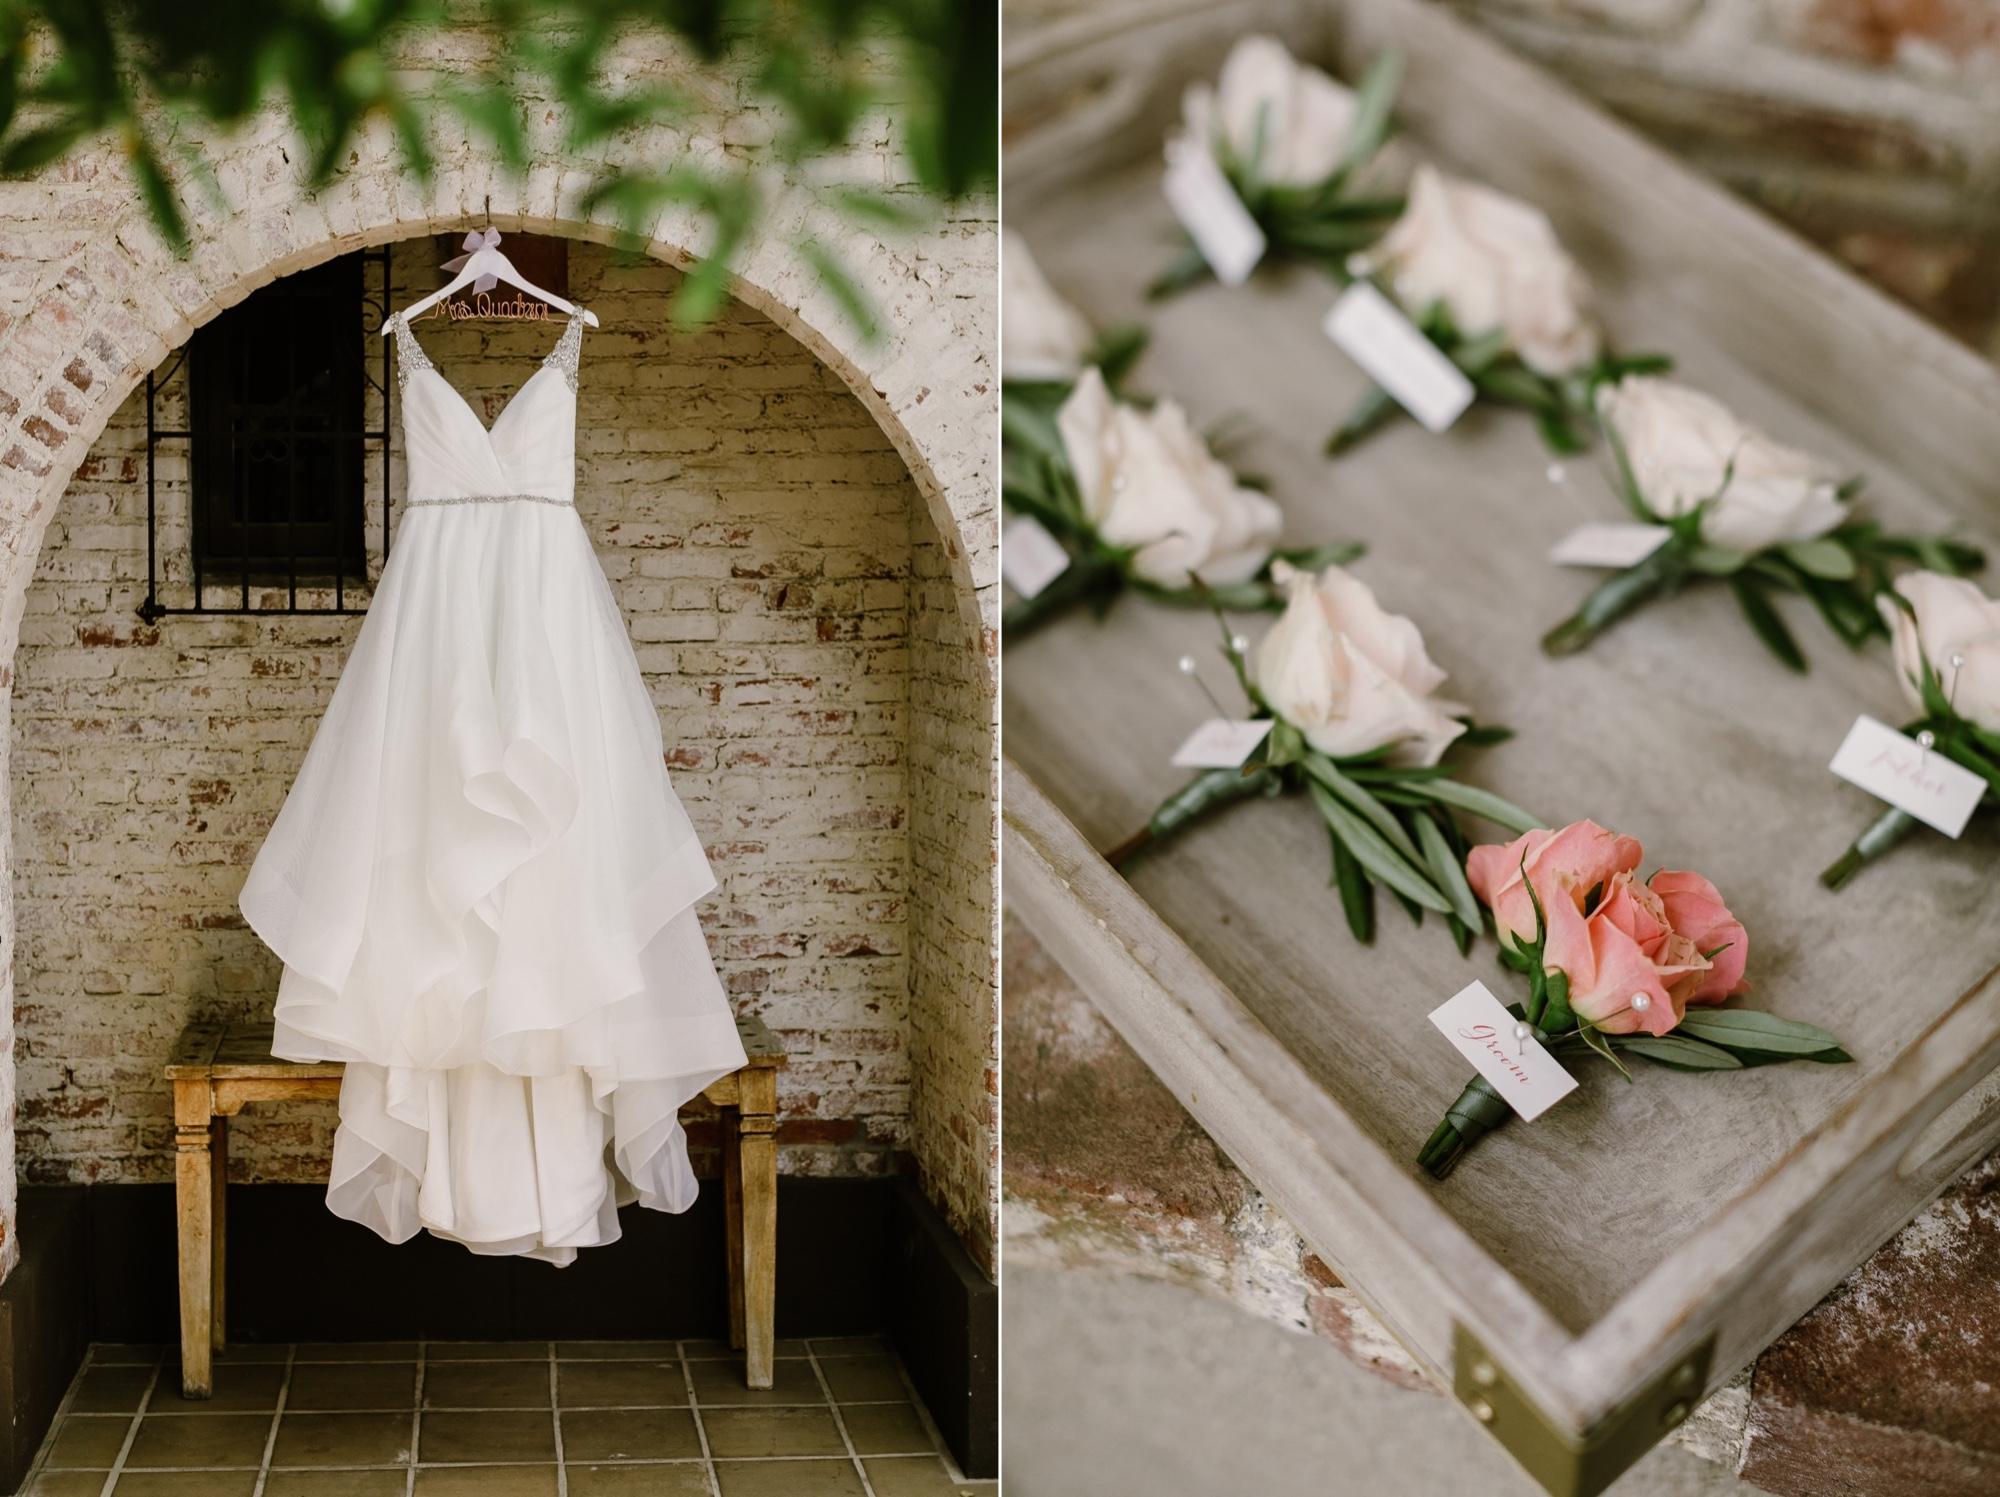 004_Amanda and Matt Wedding-481_Amanda and Matt Wedding-484.jpg